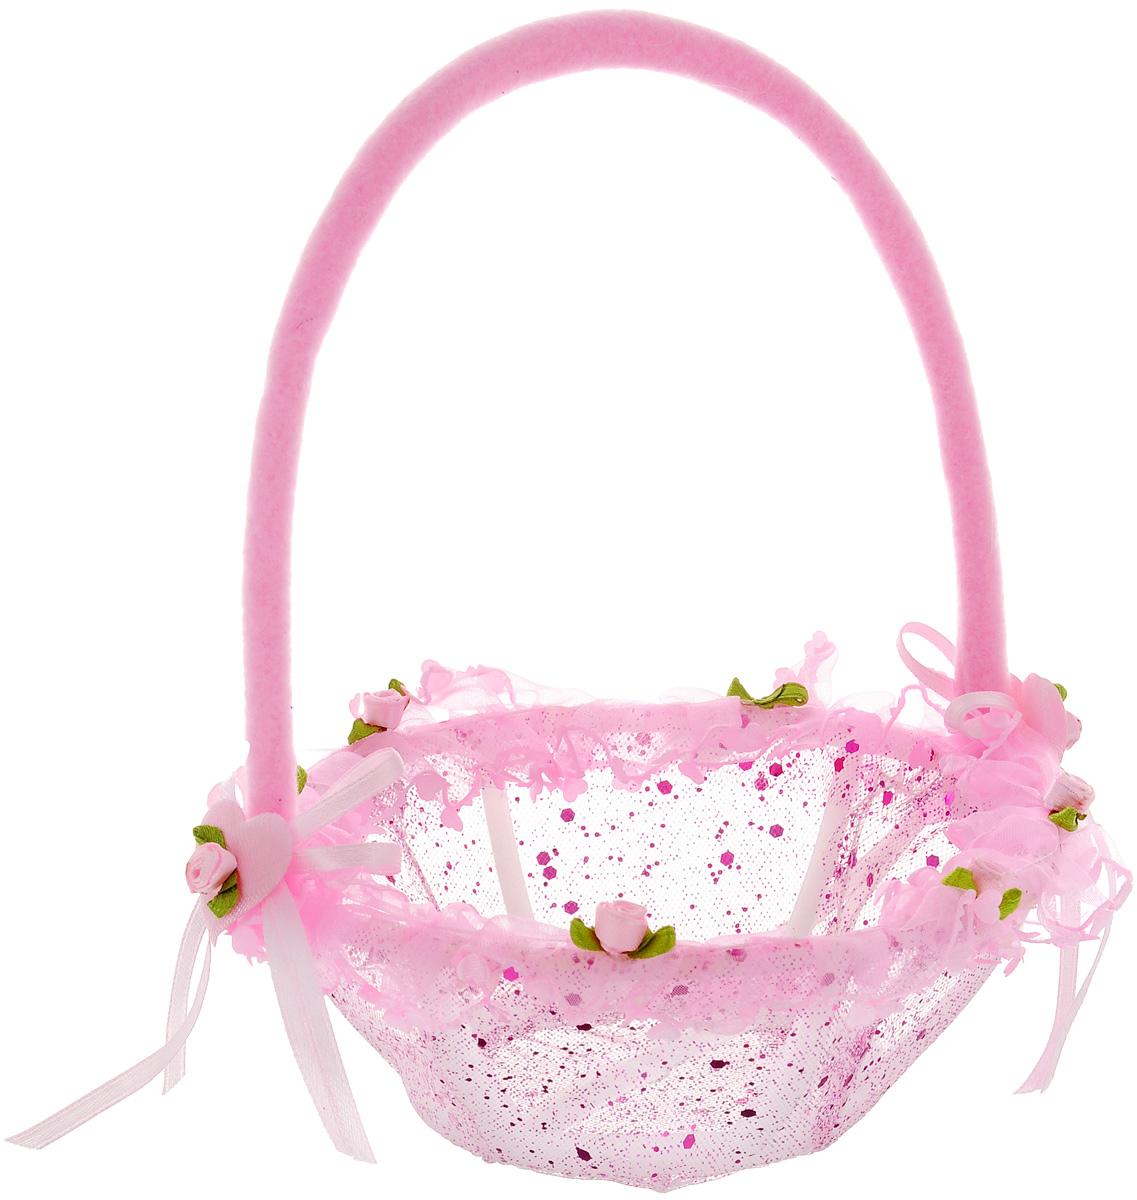 Корзинка декоративная Home Queen В подарок, цвет: розовый, 15 х 15 х 20 см60468_ розовыйДекоративная корзинка Home Queen В подарок имеет пластиковый каркас и обтянута сетчатым полиэстером. Корзинка украшена рюшами и блестками. Основание ручки декорировано сердечками и бантиками. Красивая корзинка станет милым сувениром и порадует получателя. Может послужить как подарочная упаковка для подарка или как аксессуар для хранения бытовых вещей и предметов для рукоделия.